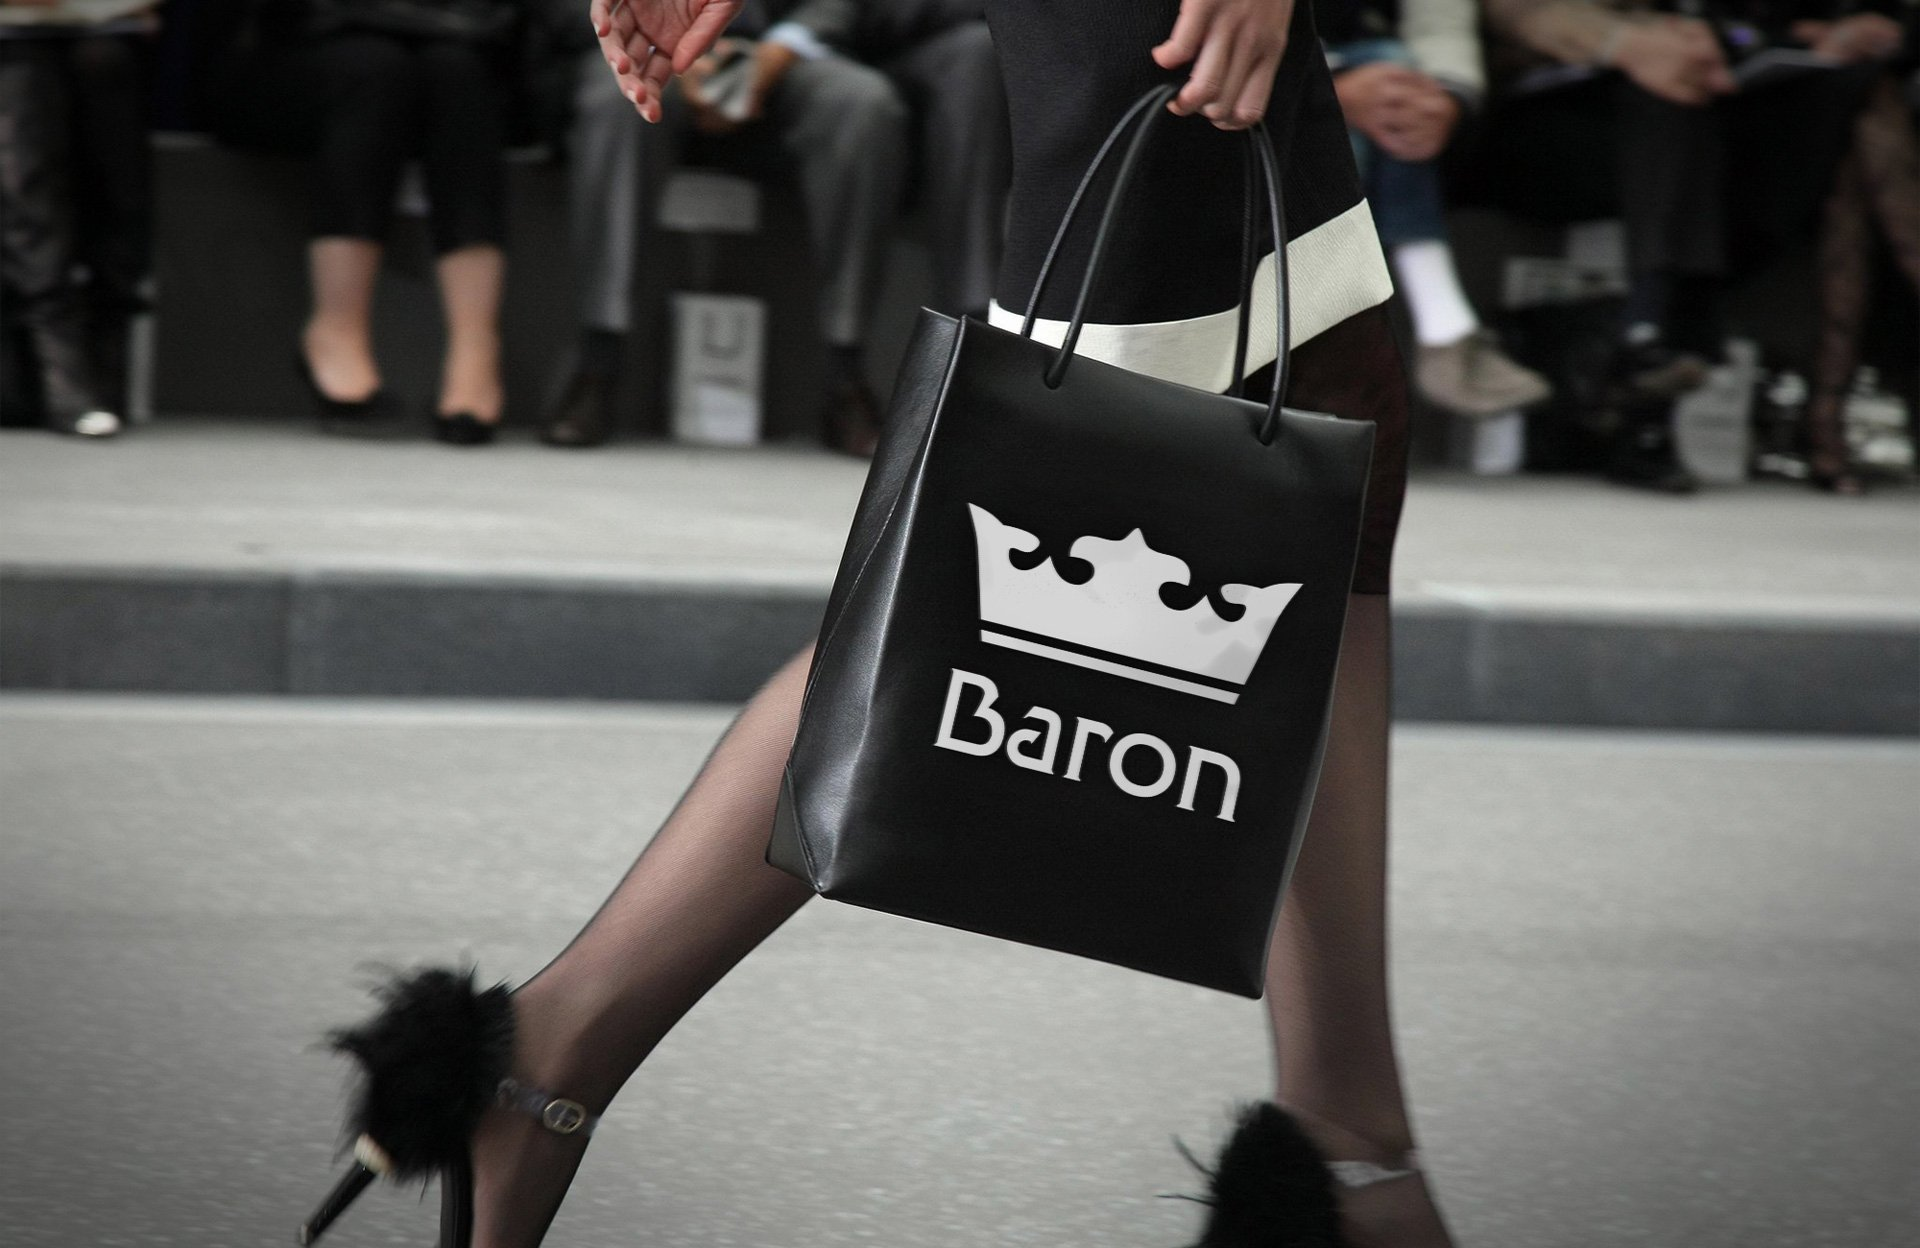 Wizualizacja torby reklamowej firmy Baron (by BBIG.PL)